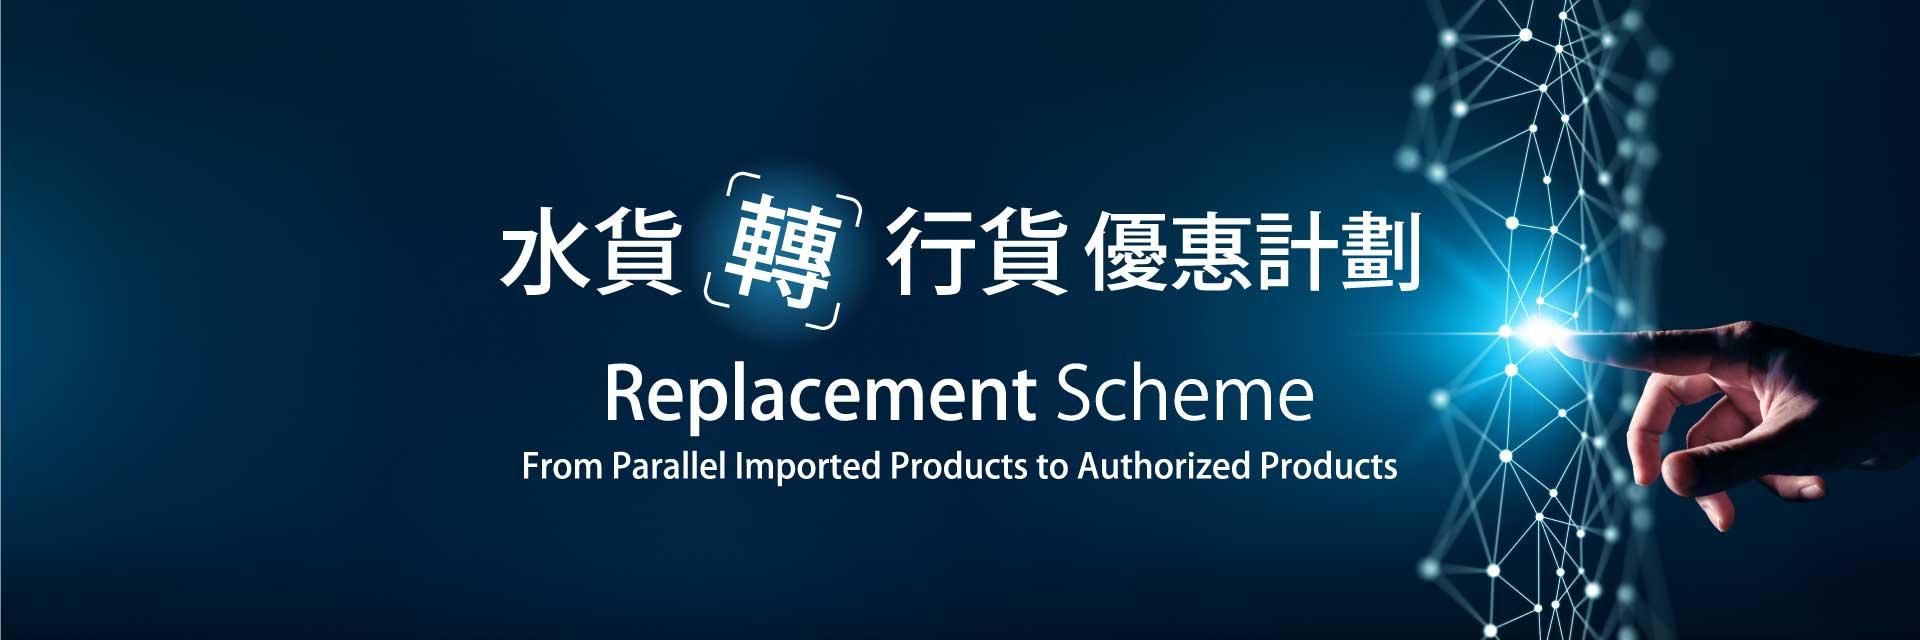 Replacement-Scheme